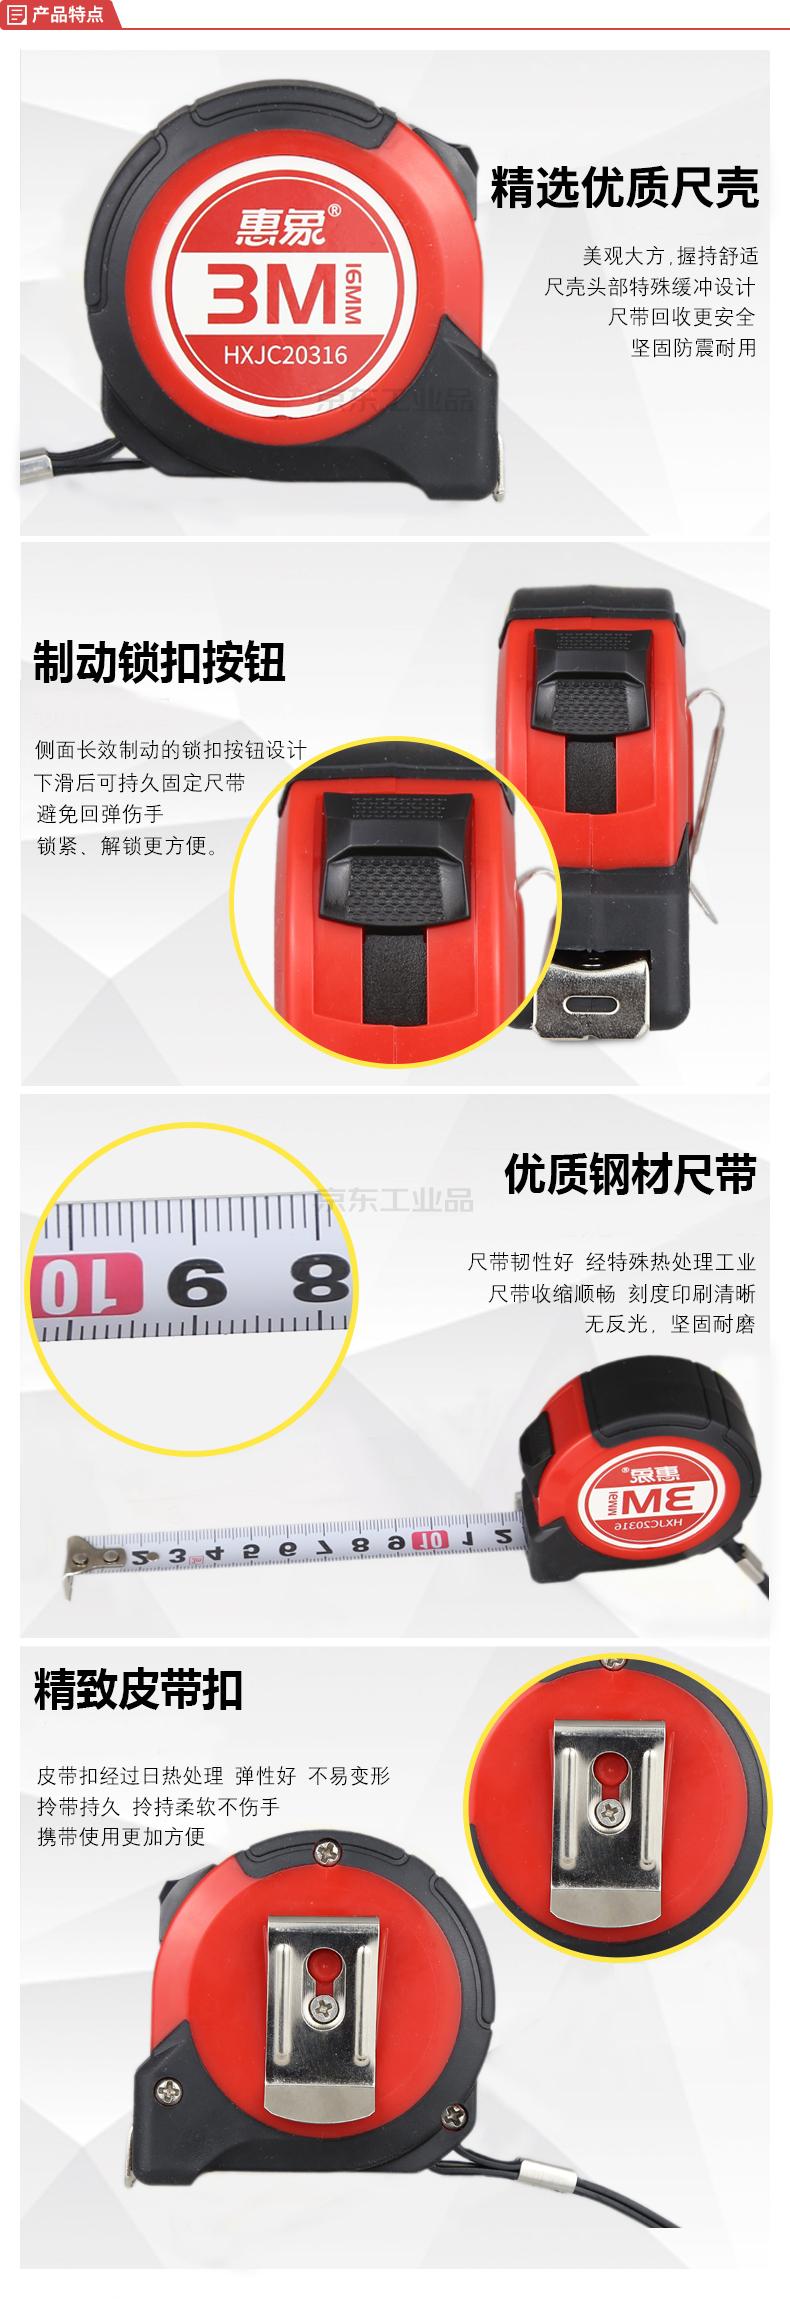 惠象 包胶款公制卷尺3m*16mm,白色尺带(12把/盒);HXJC20316